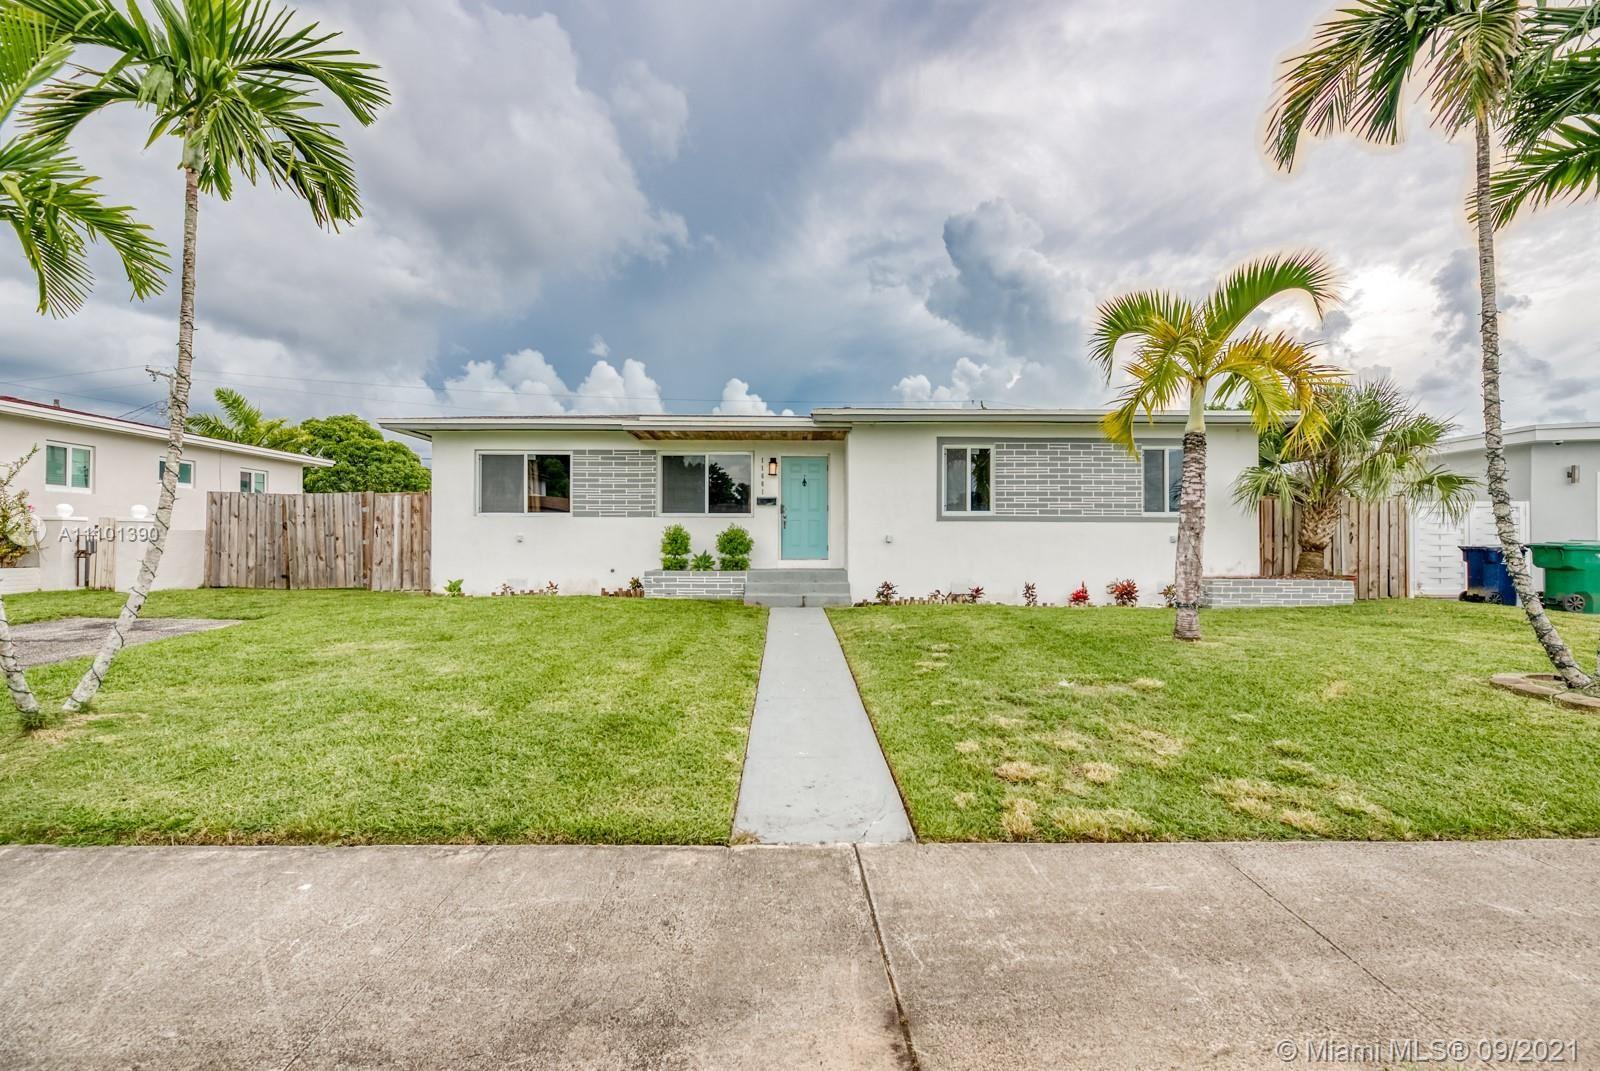 11601 SW 141st St, Miami, FL 33176 - #: A11101390